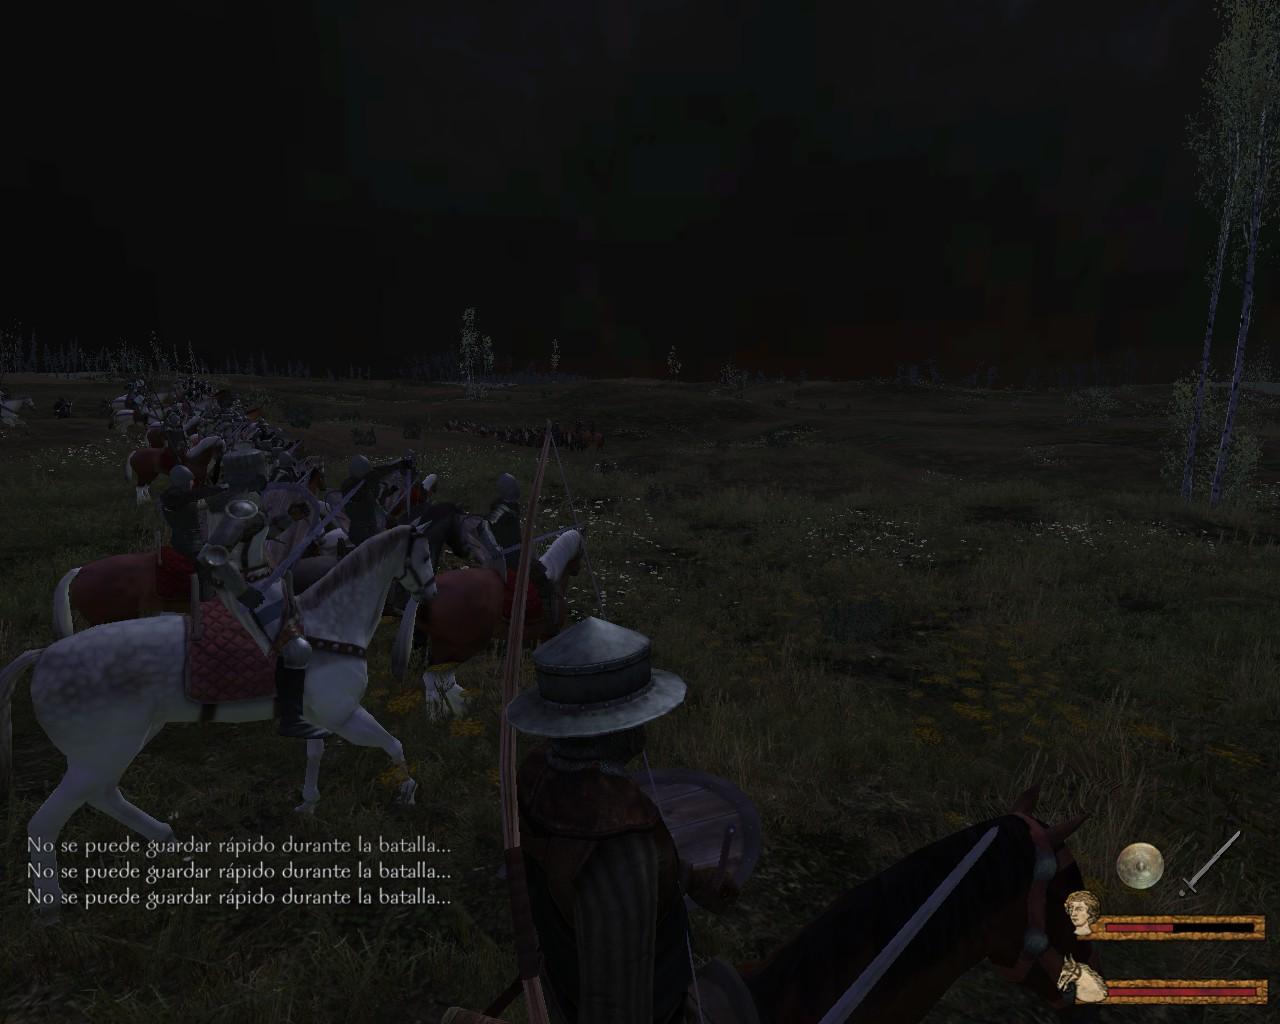 Nuestras capturas de pantalla en warband - Página 5 2bwu9